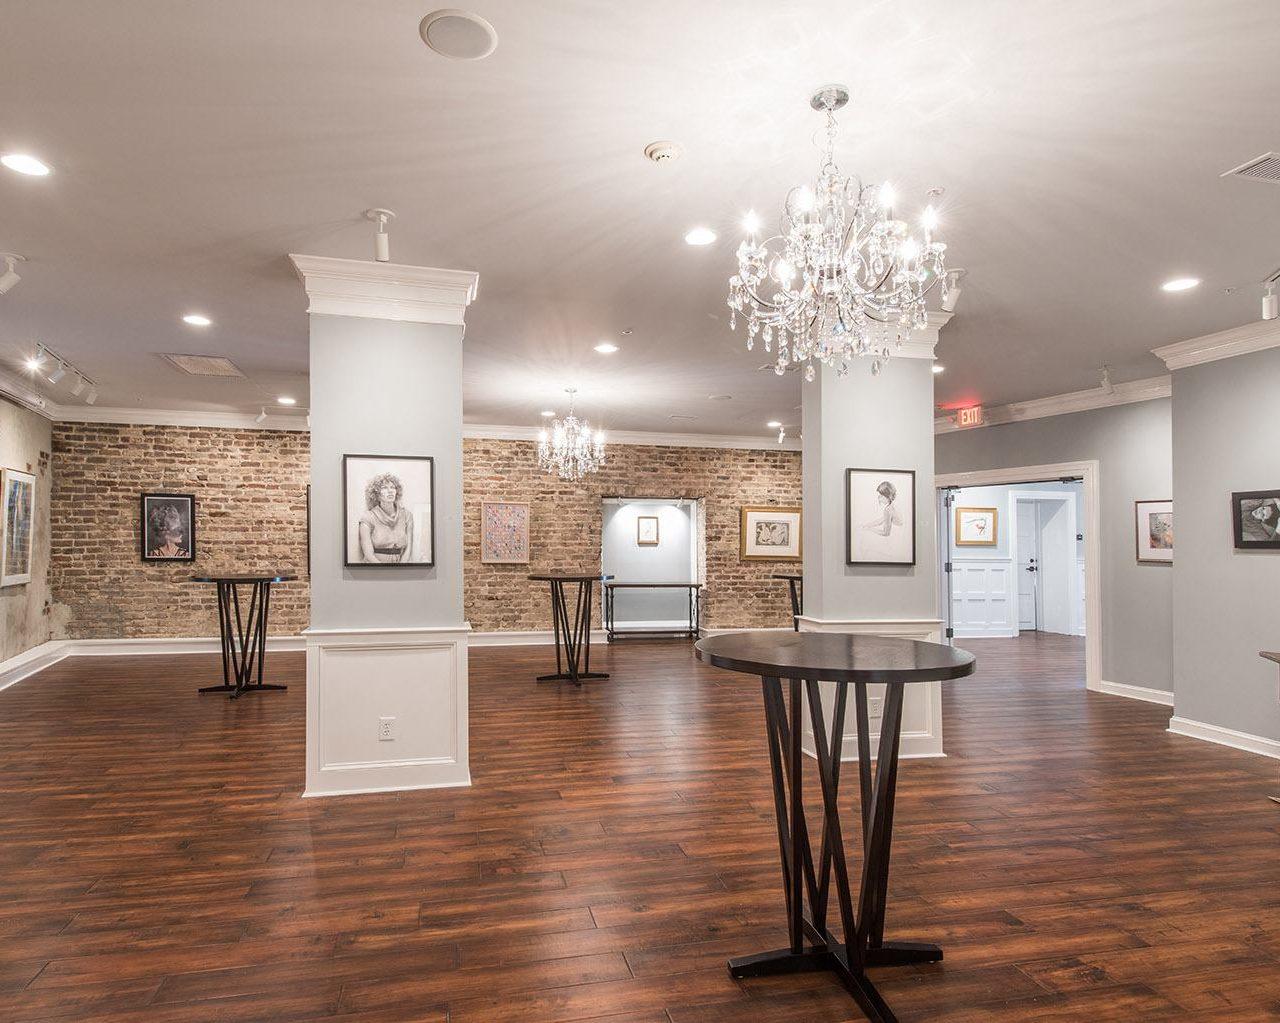 Vendue Inn - The Gallery - Charleston, SC